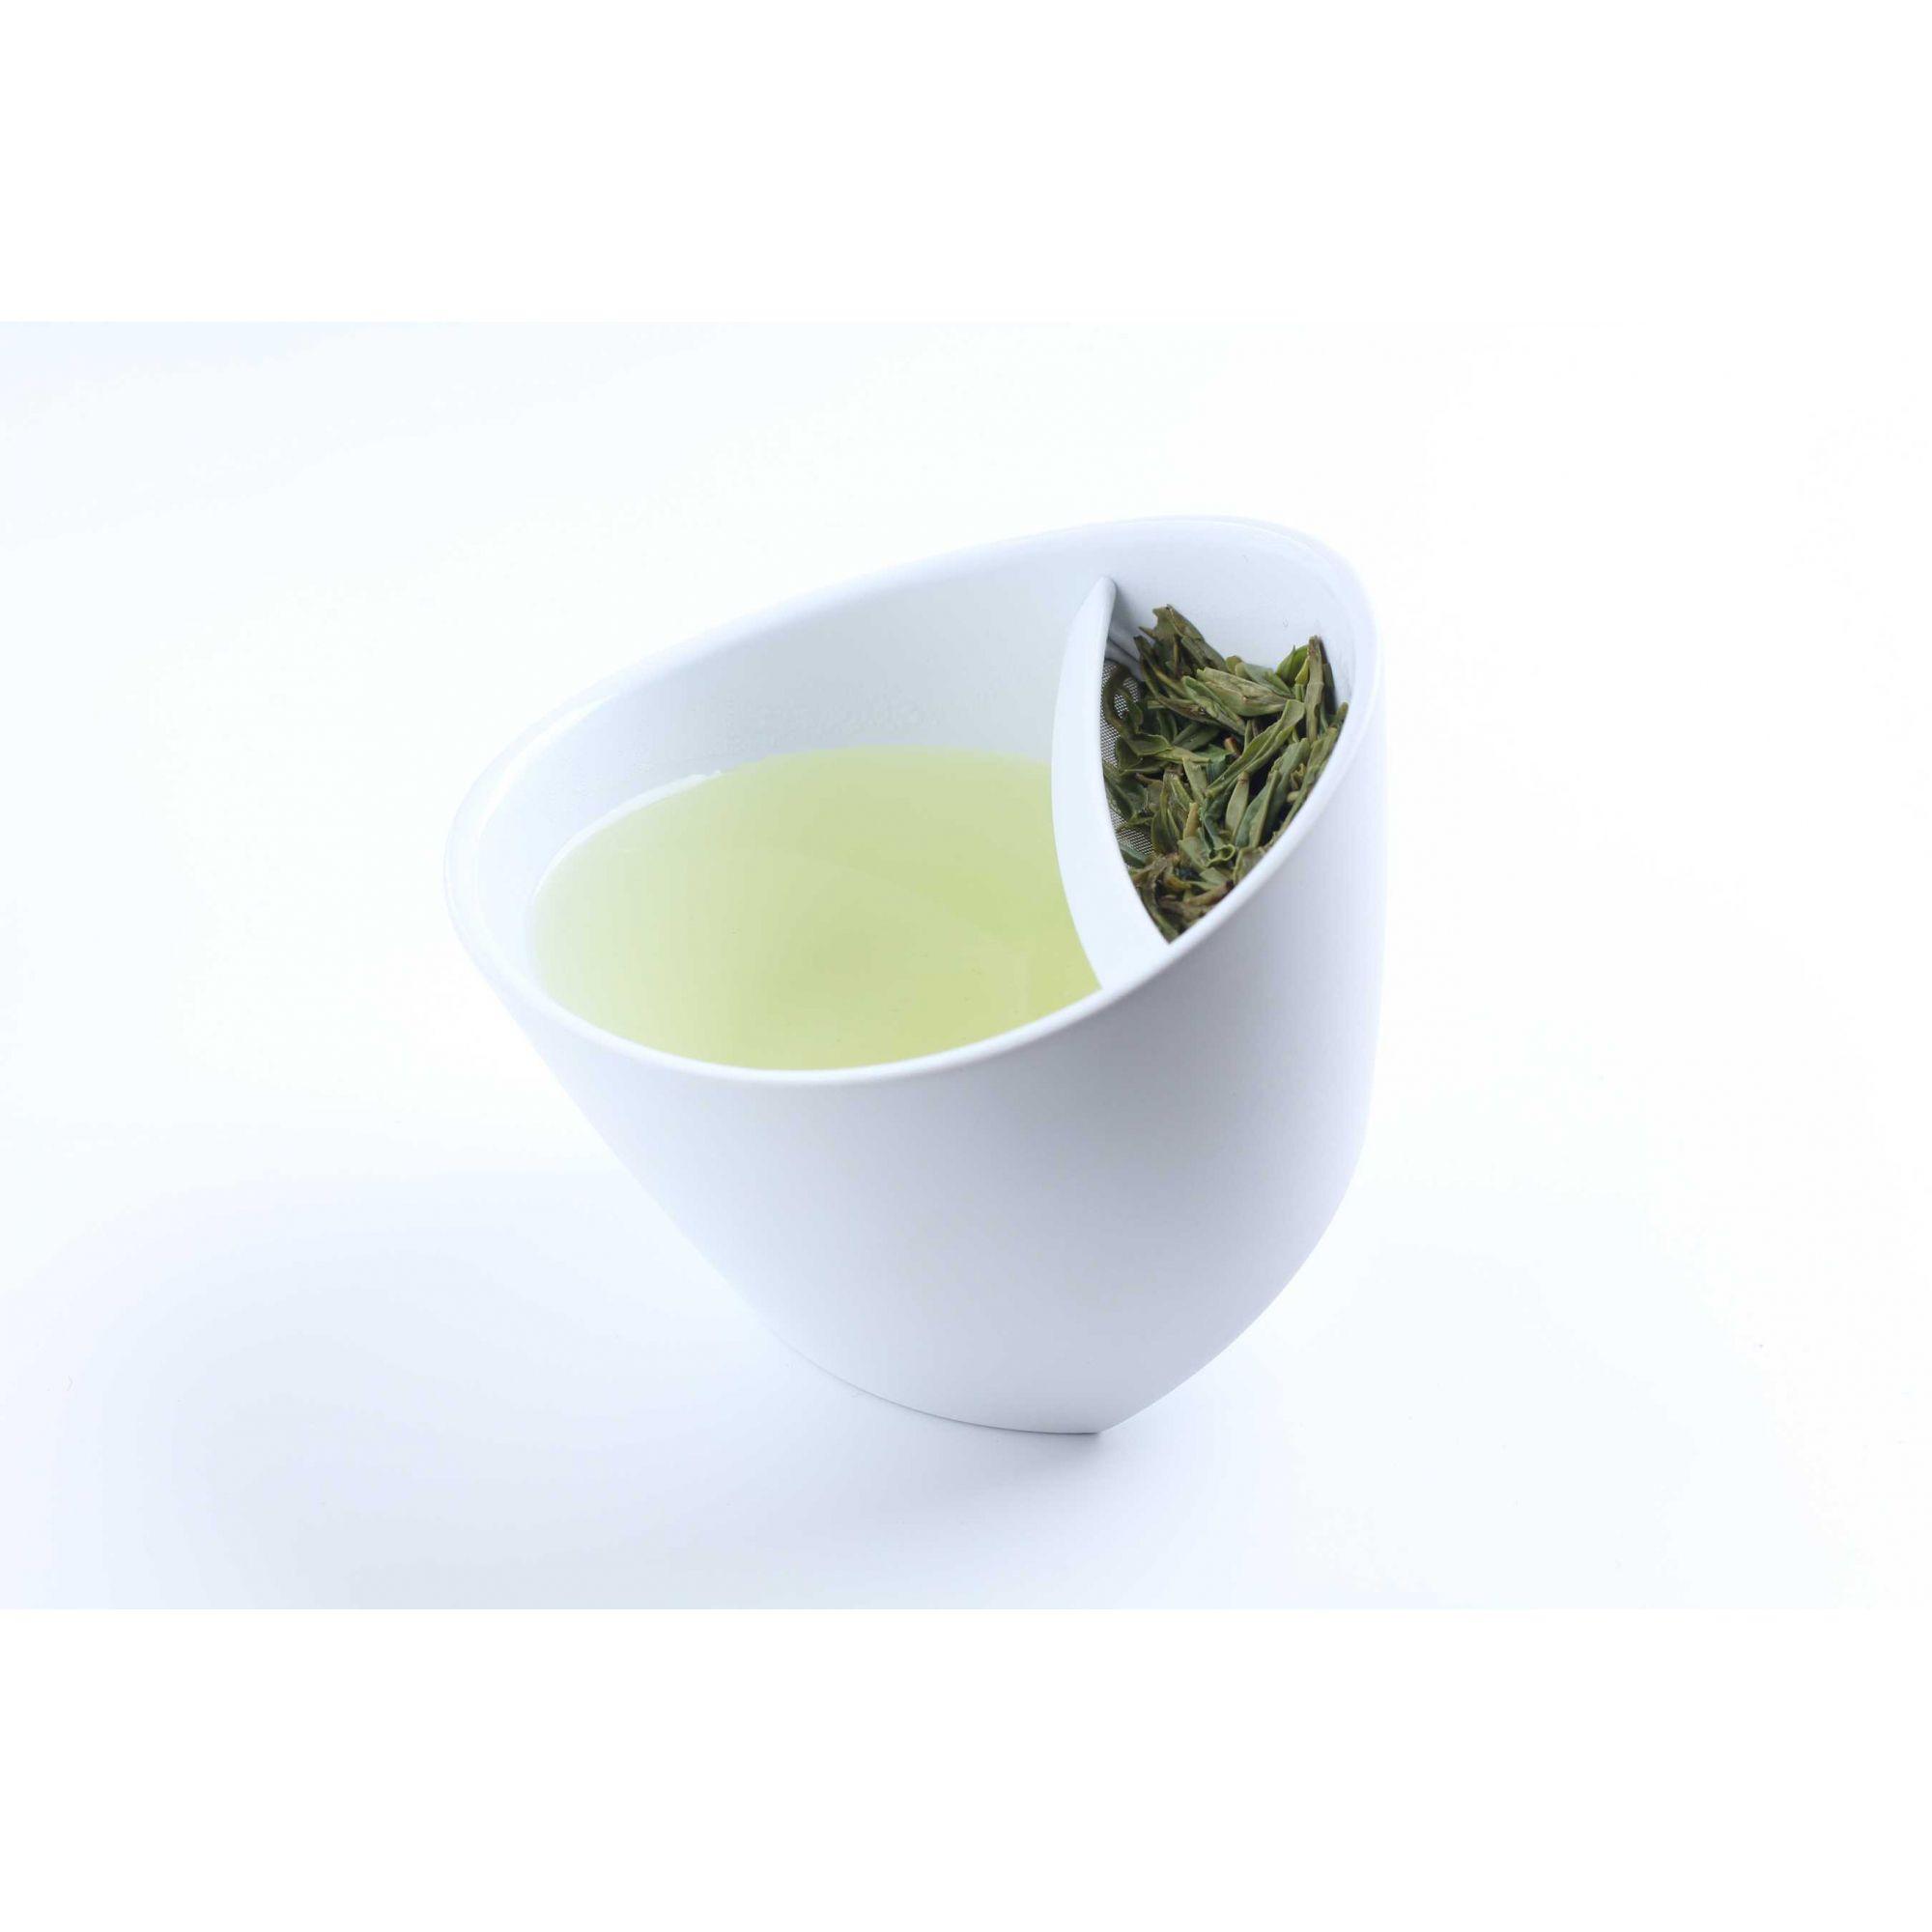 Xícara de chá Magisso branca